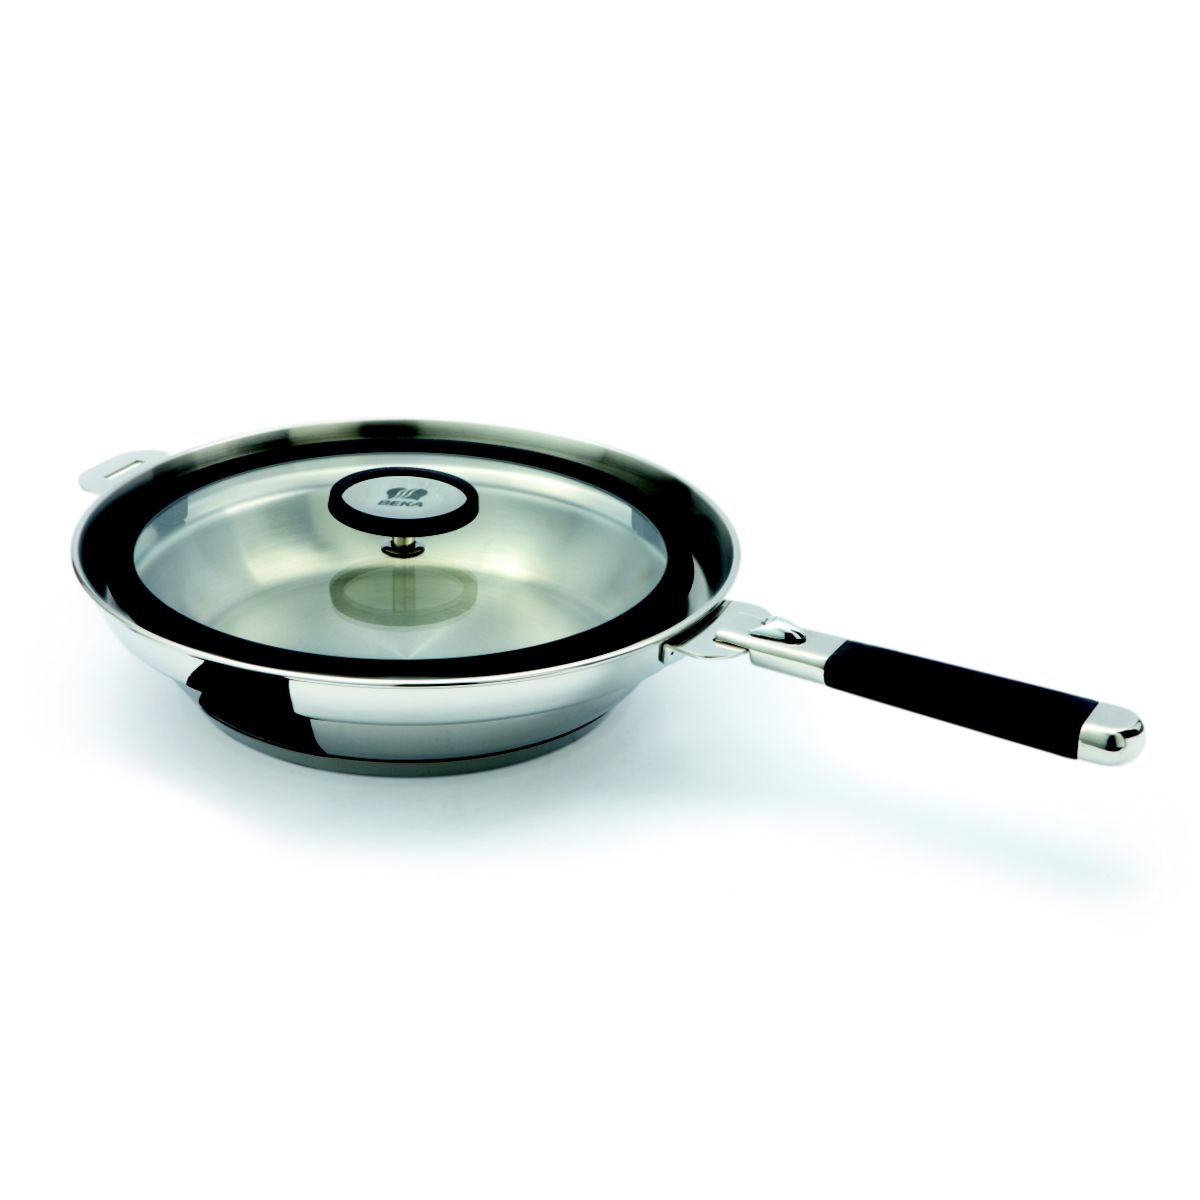 Beka po le clean cooking tout inox 24 cm comparer avec for Batterie poele inox